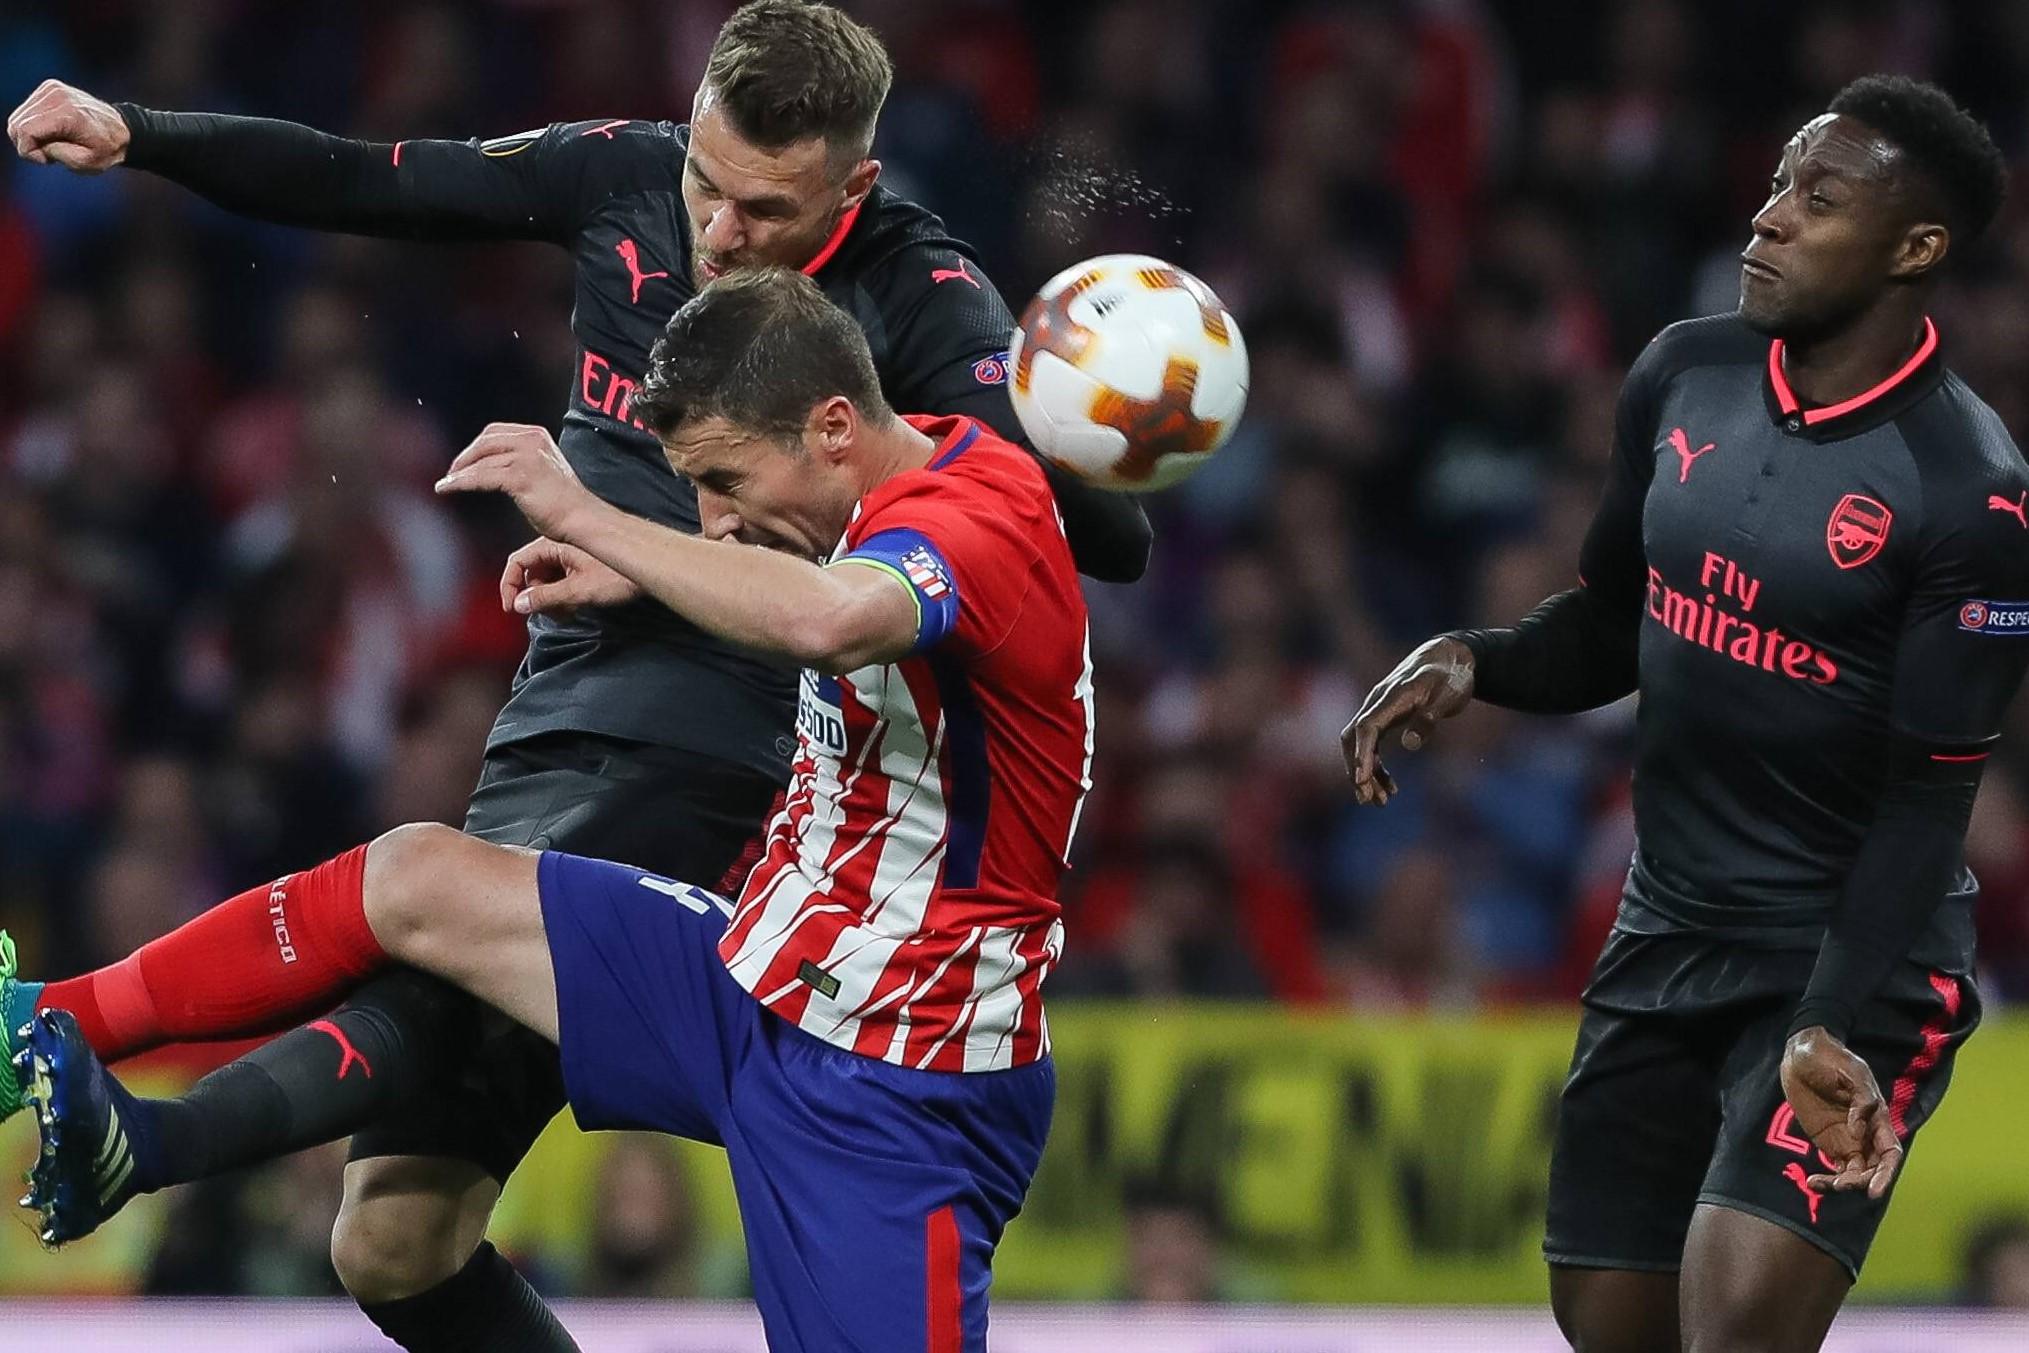 Атлетико – Реал Сосьедад. Выгодный прогноз на матч 27.10.2018